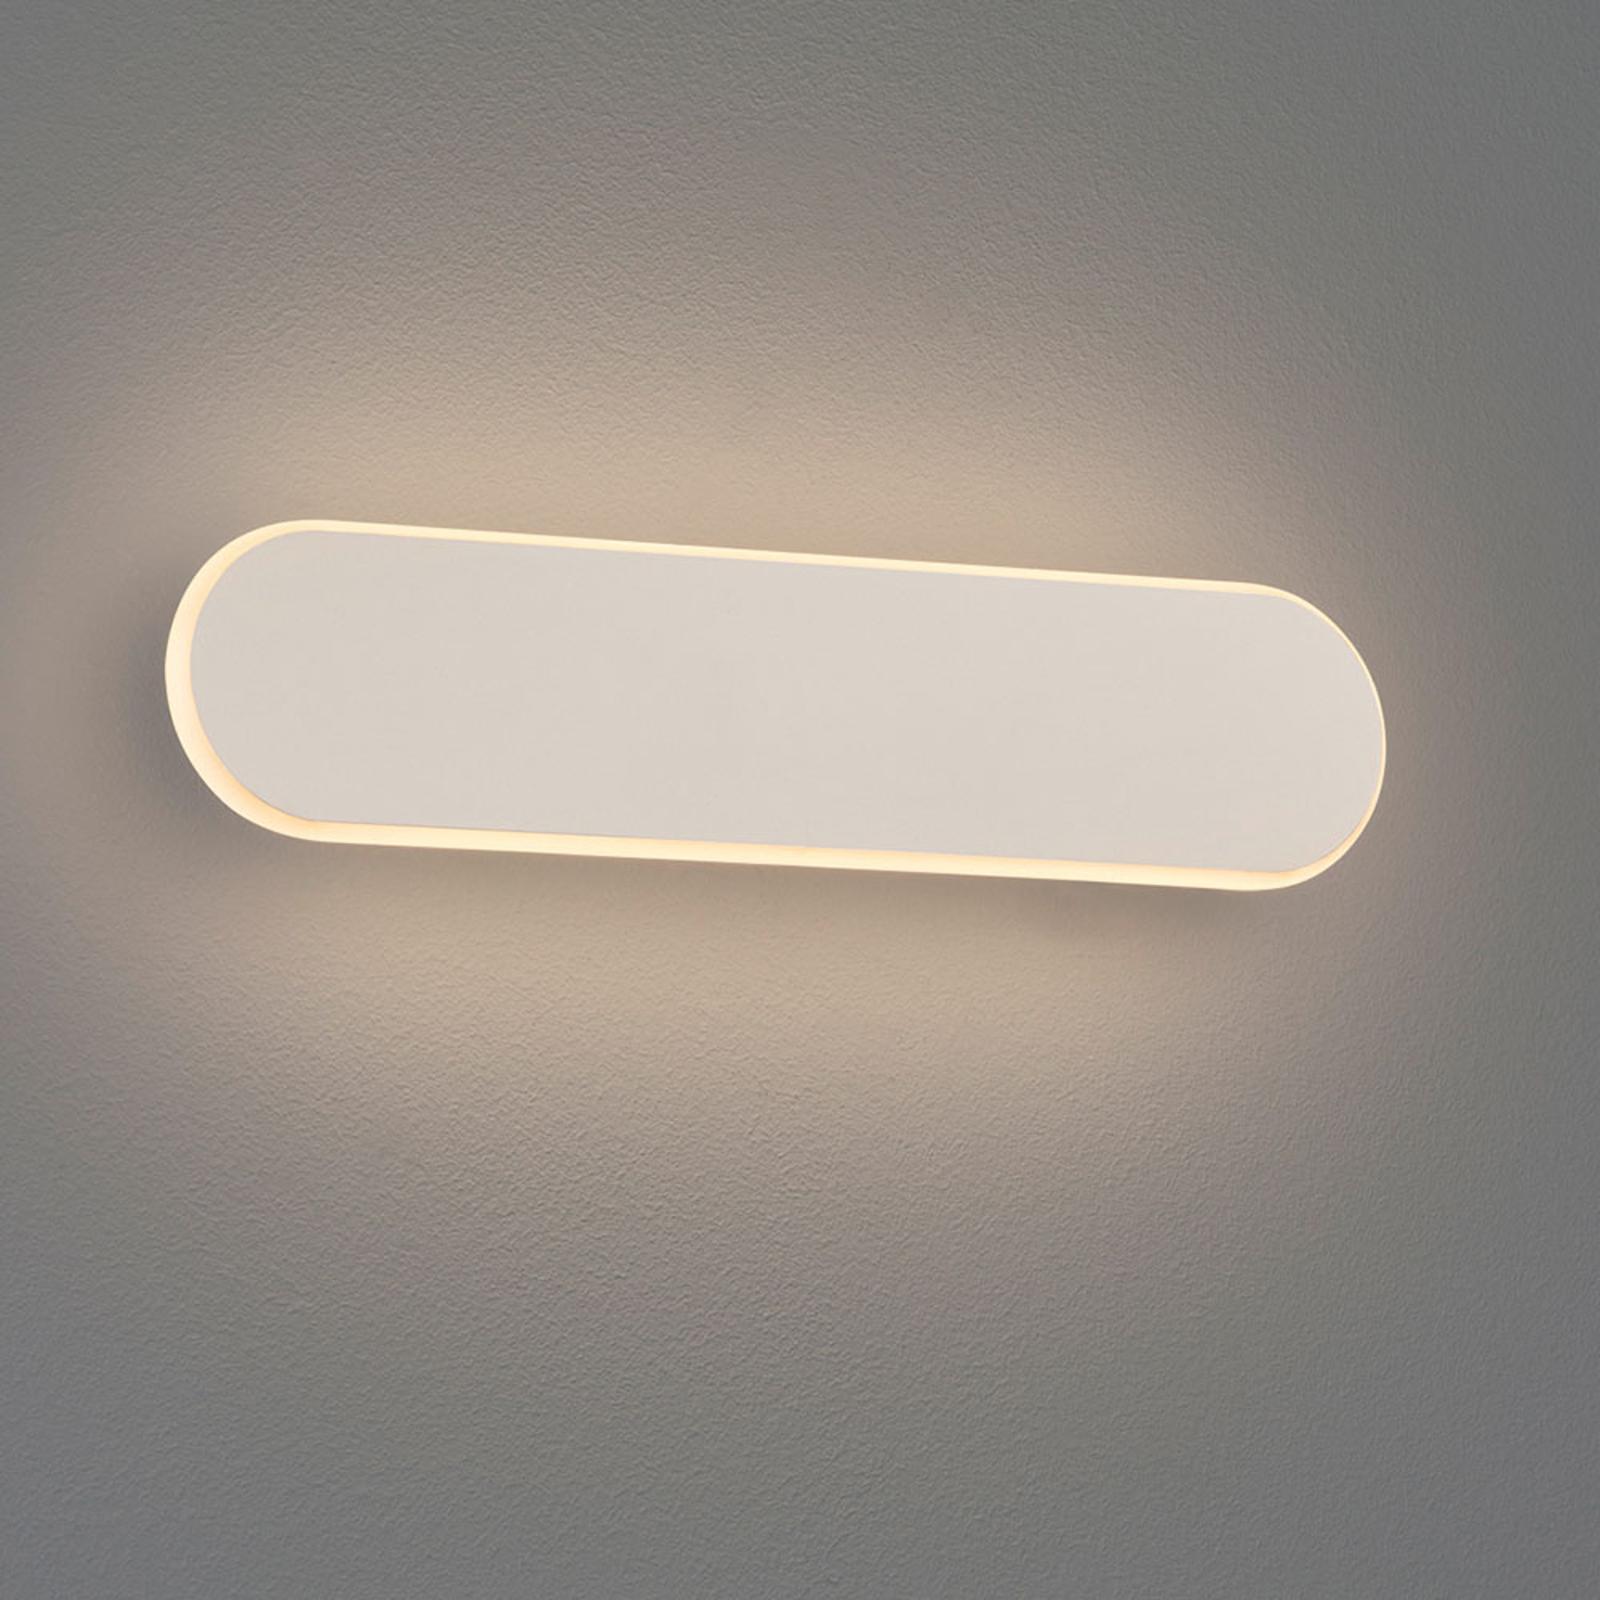 LED-seinävalo Carlo, Switchdim, 35 cm, valkoinen